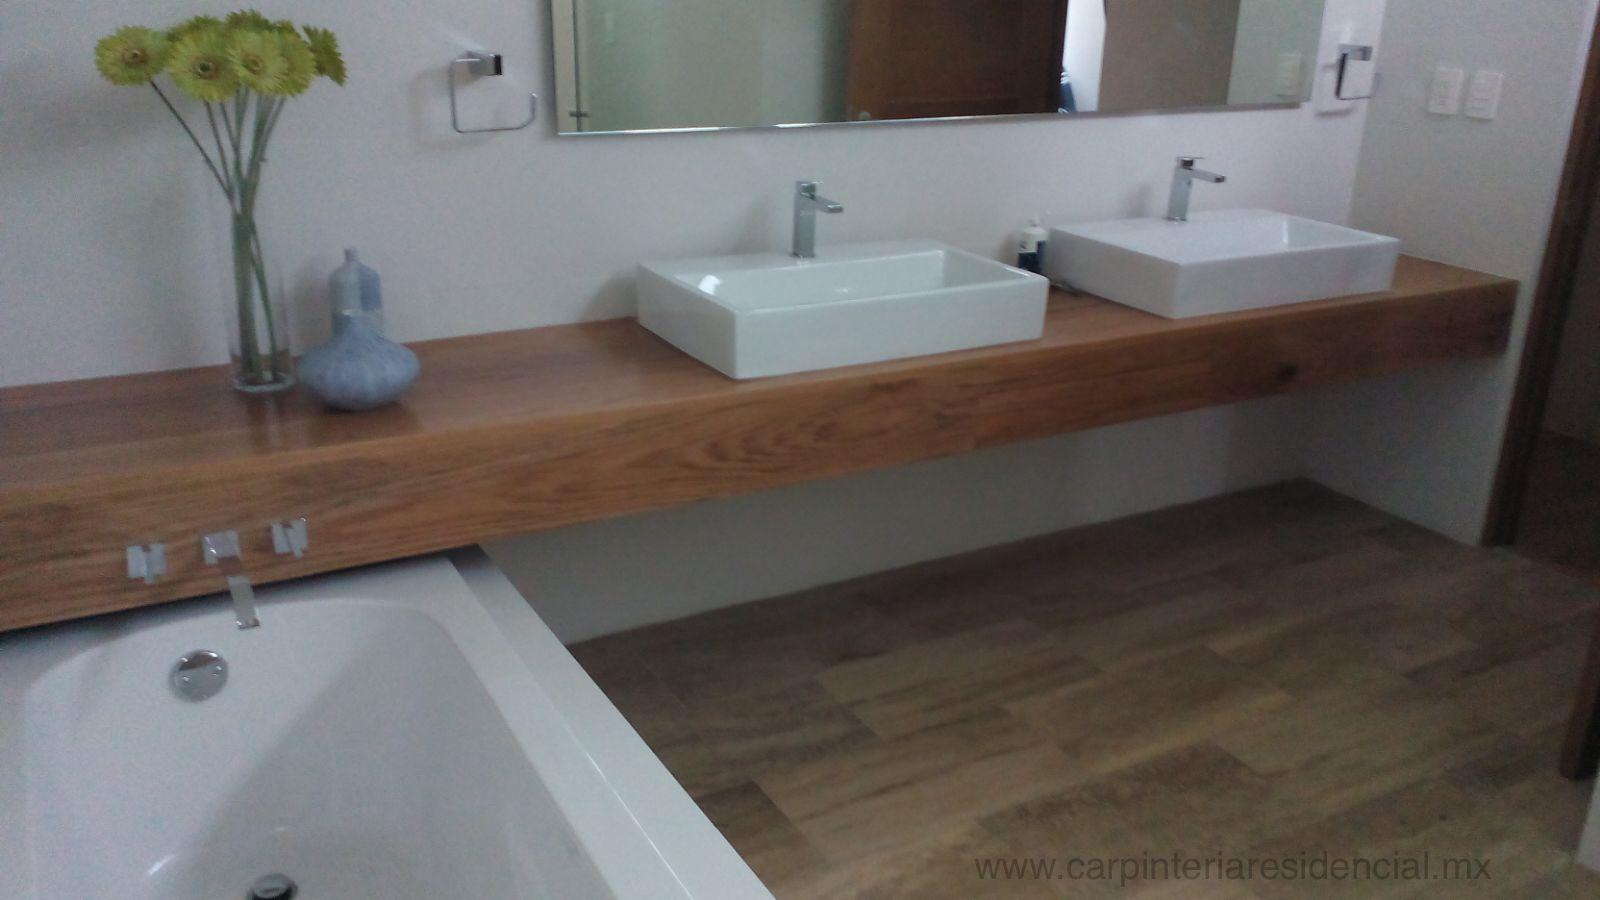 Trabajos recientes carpinteria residencial slp - Mueble lavabo madera ...